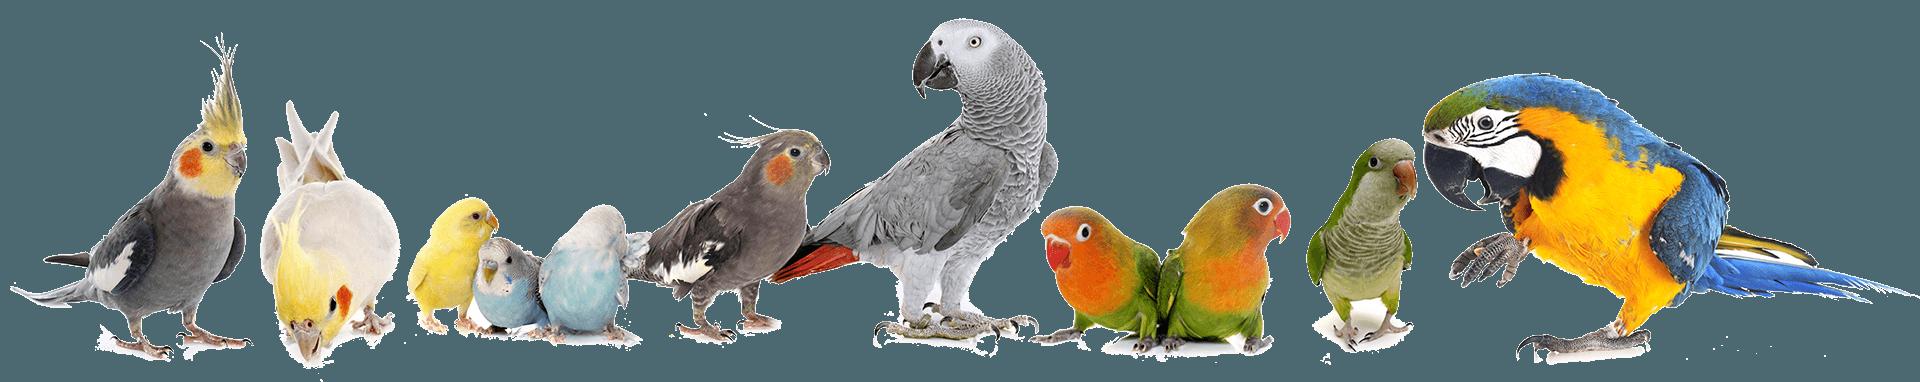 Papageien-Sittiche-Composite